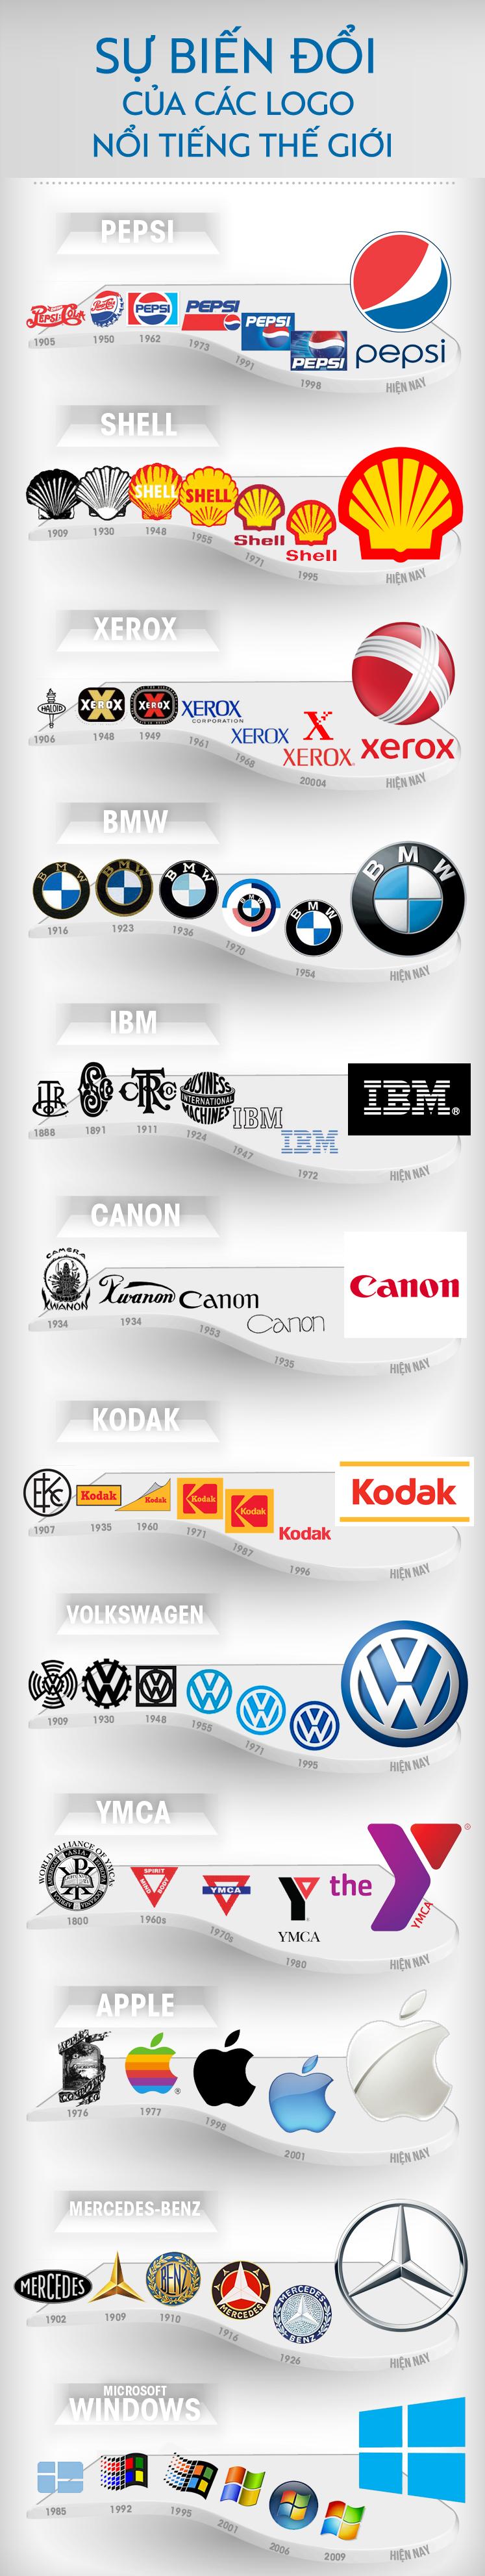 Infographic miêu tả sự thay đổi Logo thương hiệu nổi tiếng qua thời gian